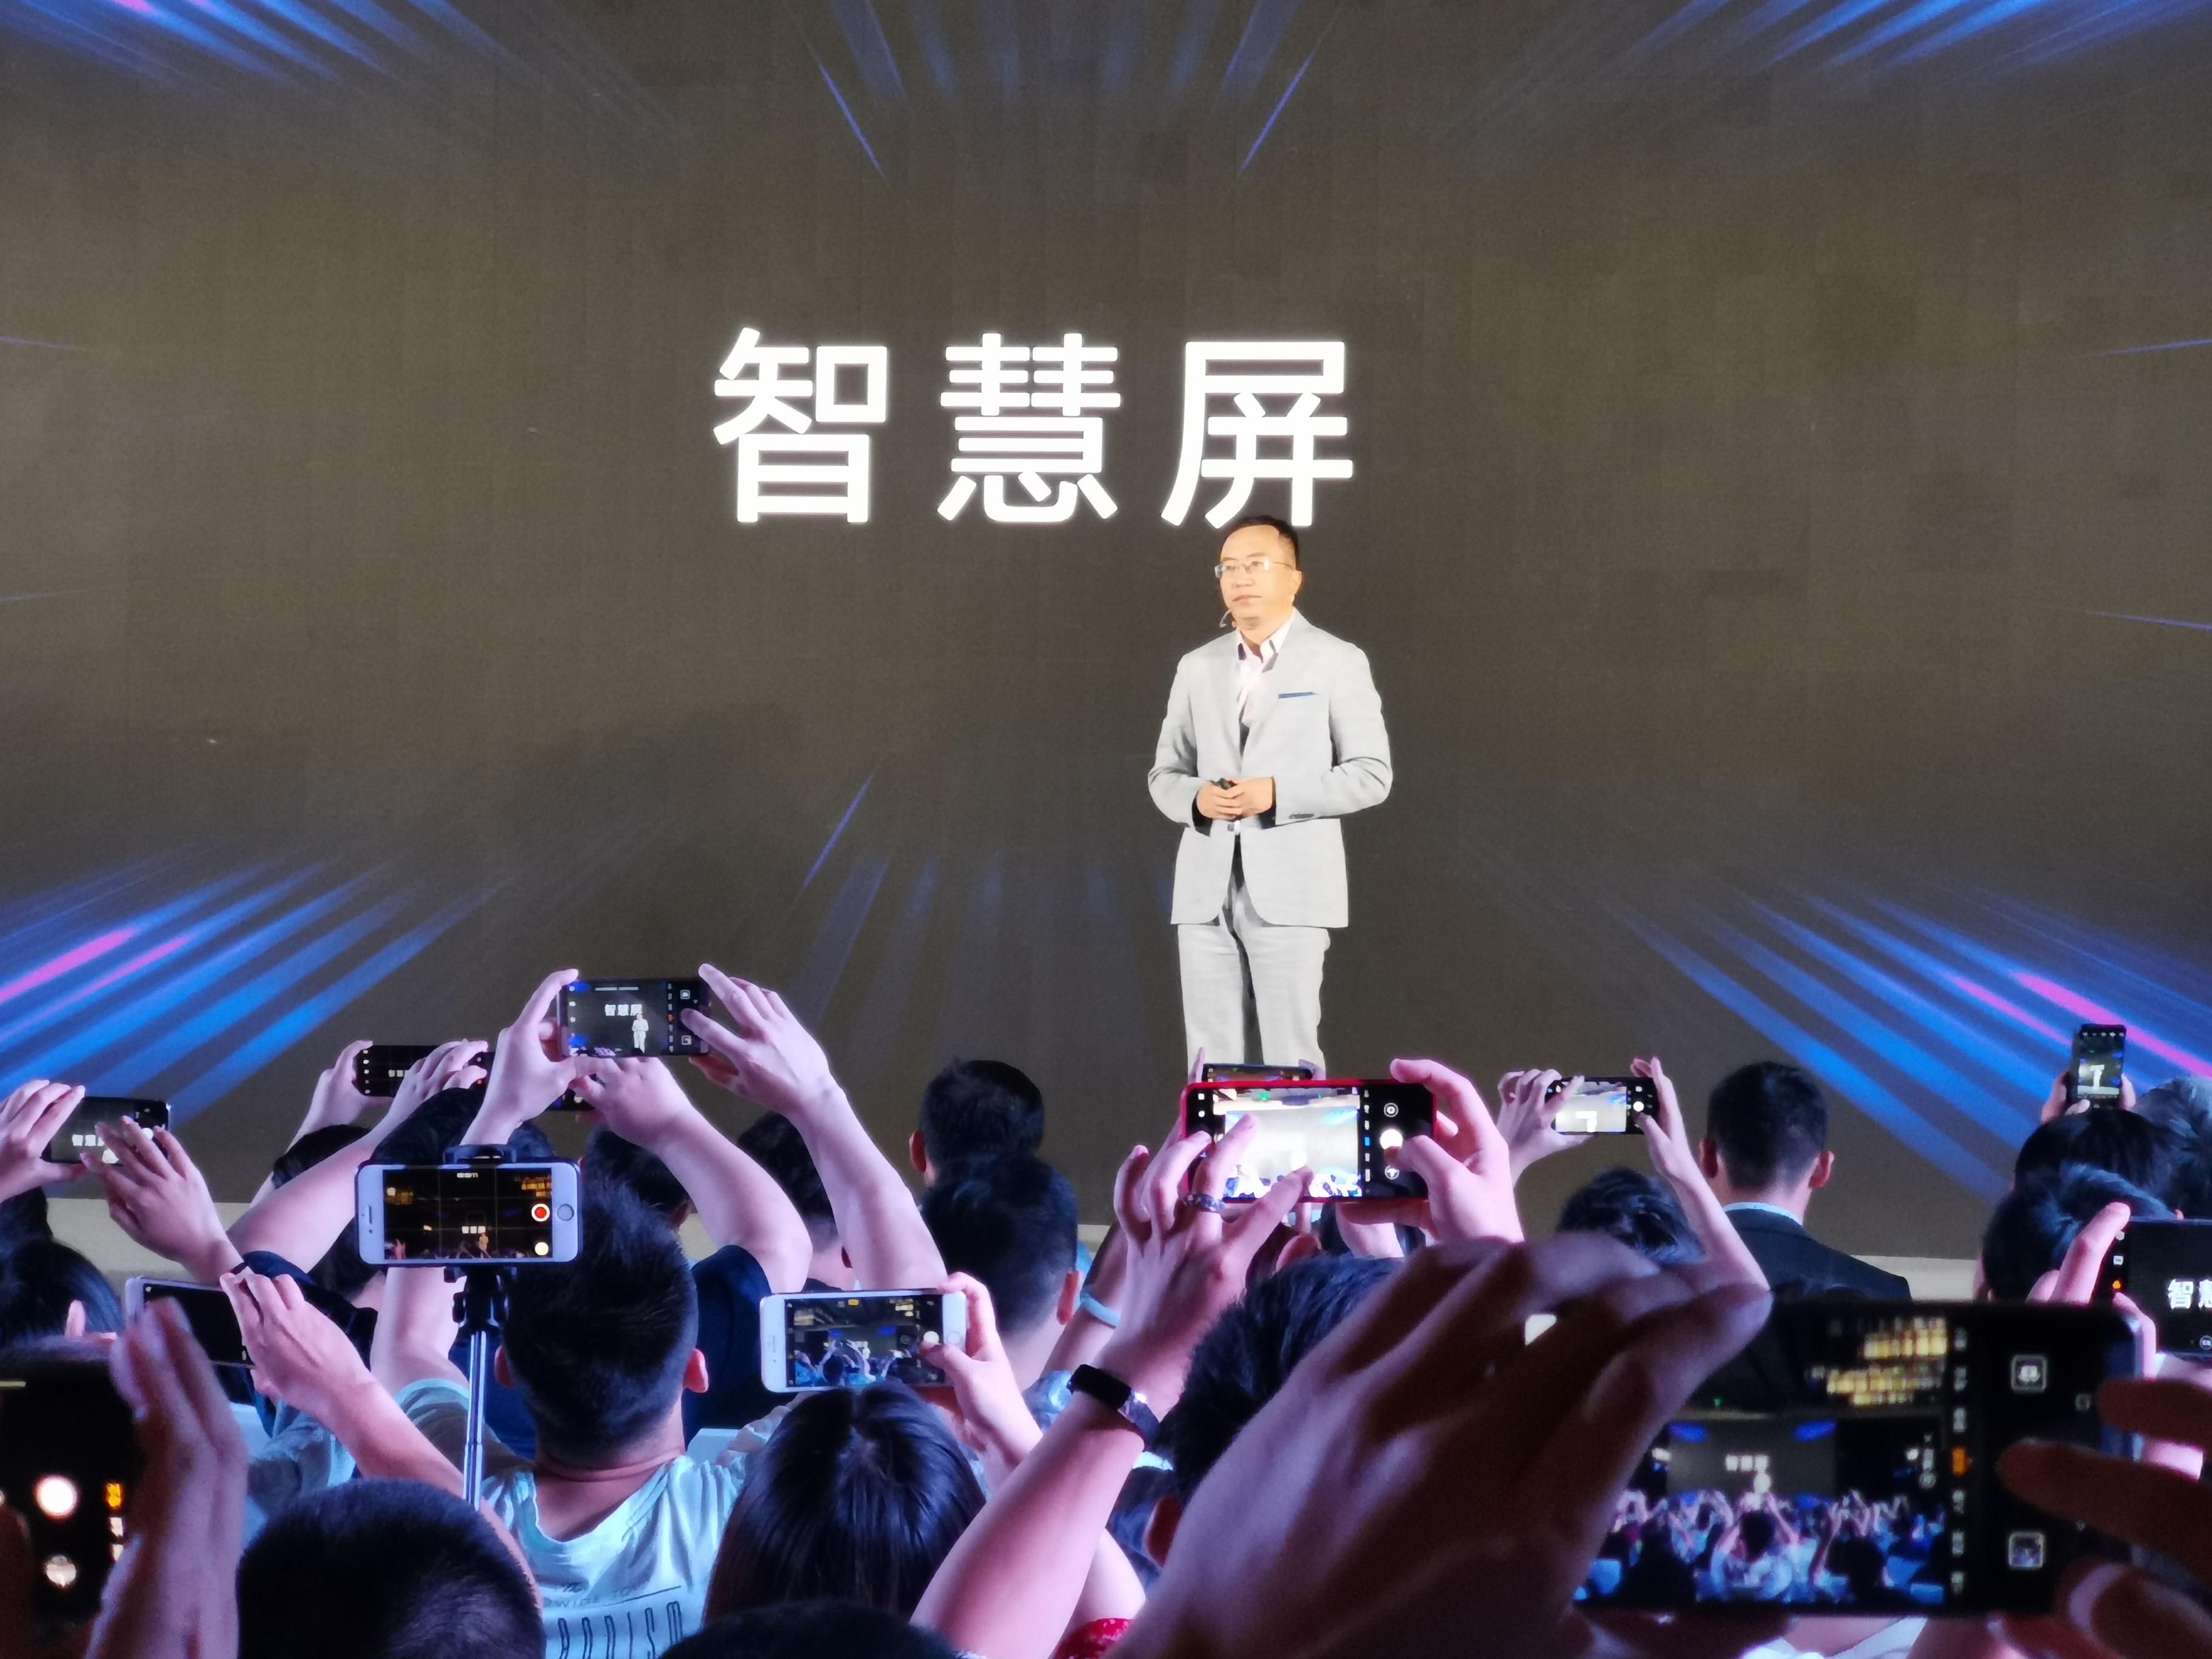 华为正式进军电视行业 荣耀称8月发布智慧屏新品,动了谁的奶酪?